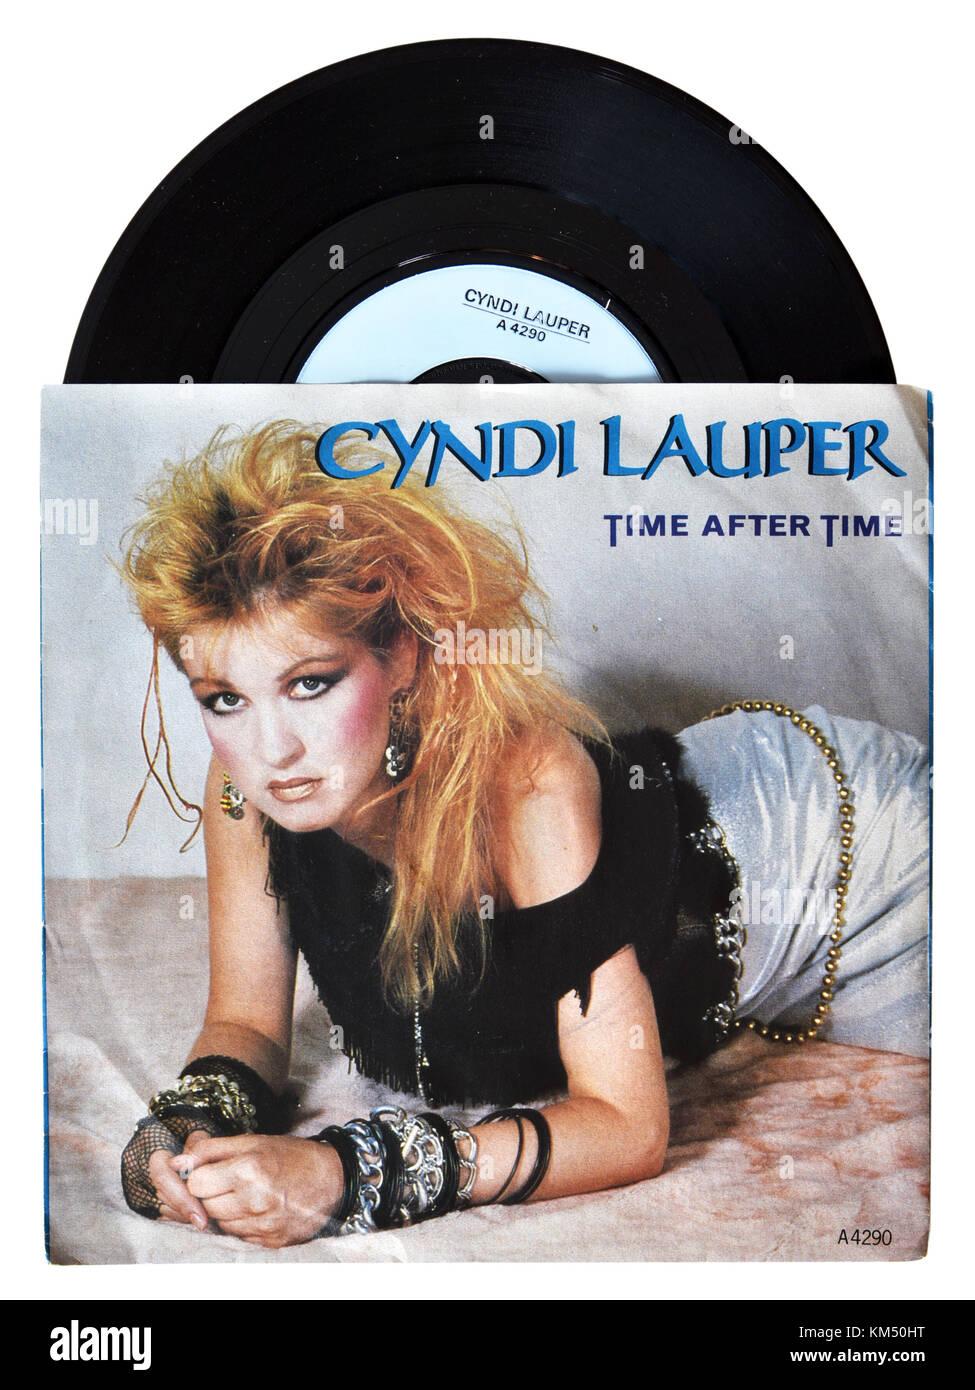 cyndi lauper time after time übersetzung